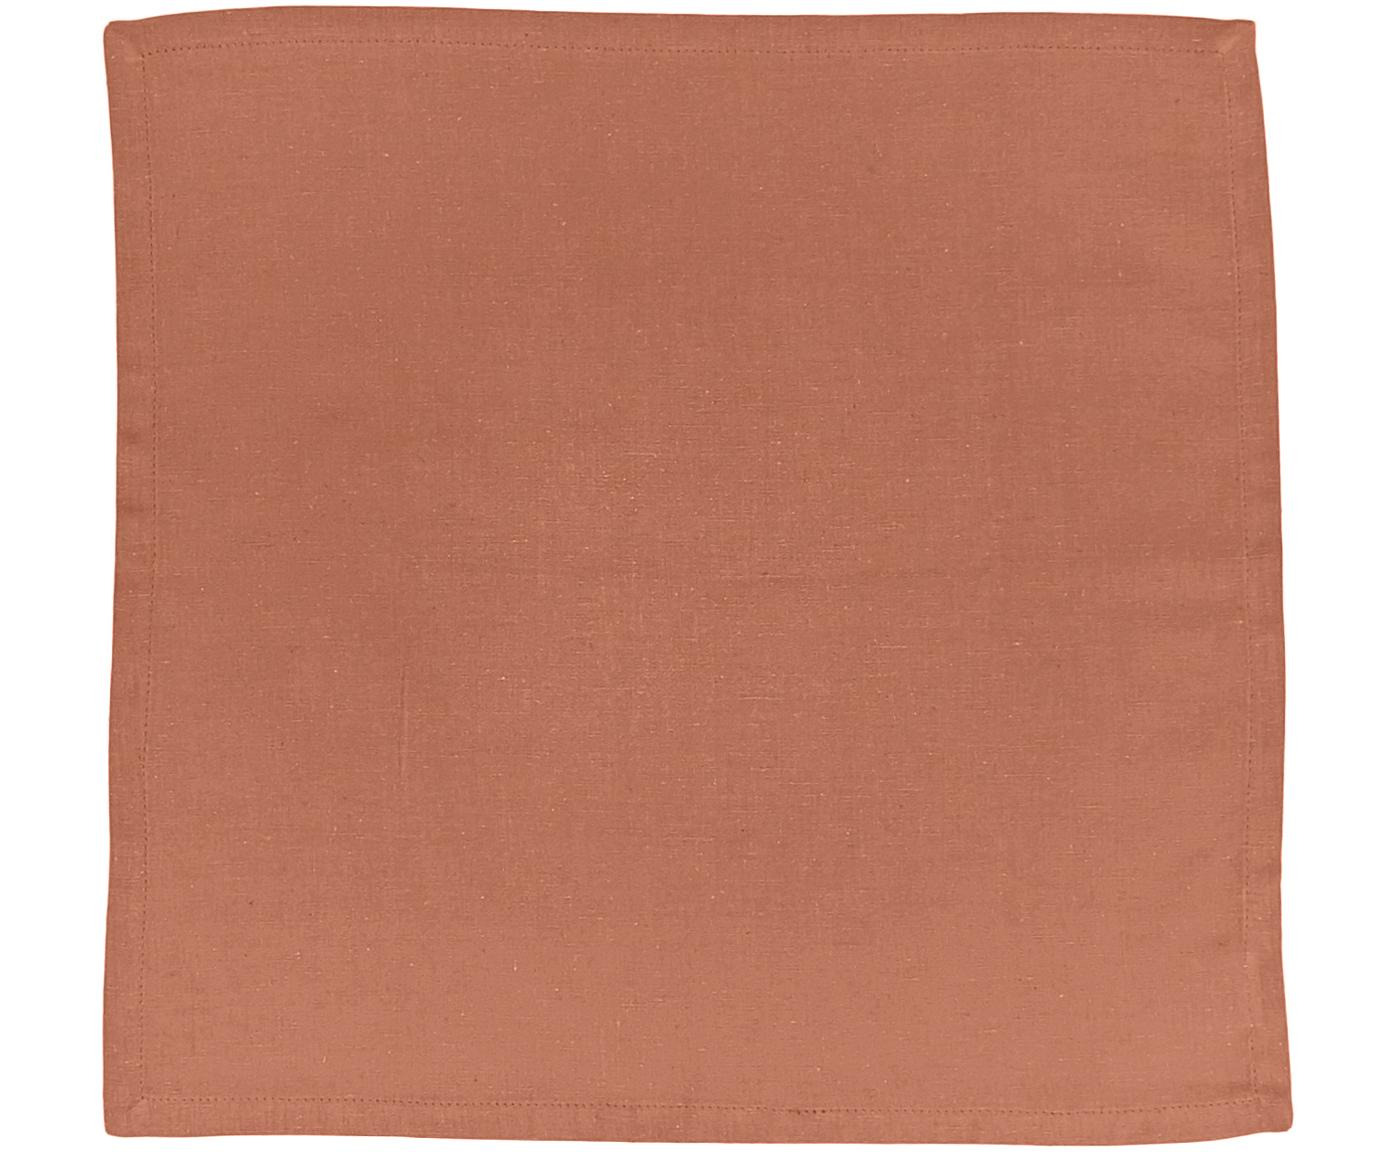 Stoffen servetten Hemmed, 6 stuks, 85% katoen, 15% linnen, Oranje, 40 x 40 cm